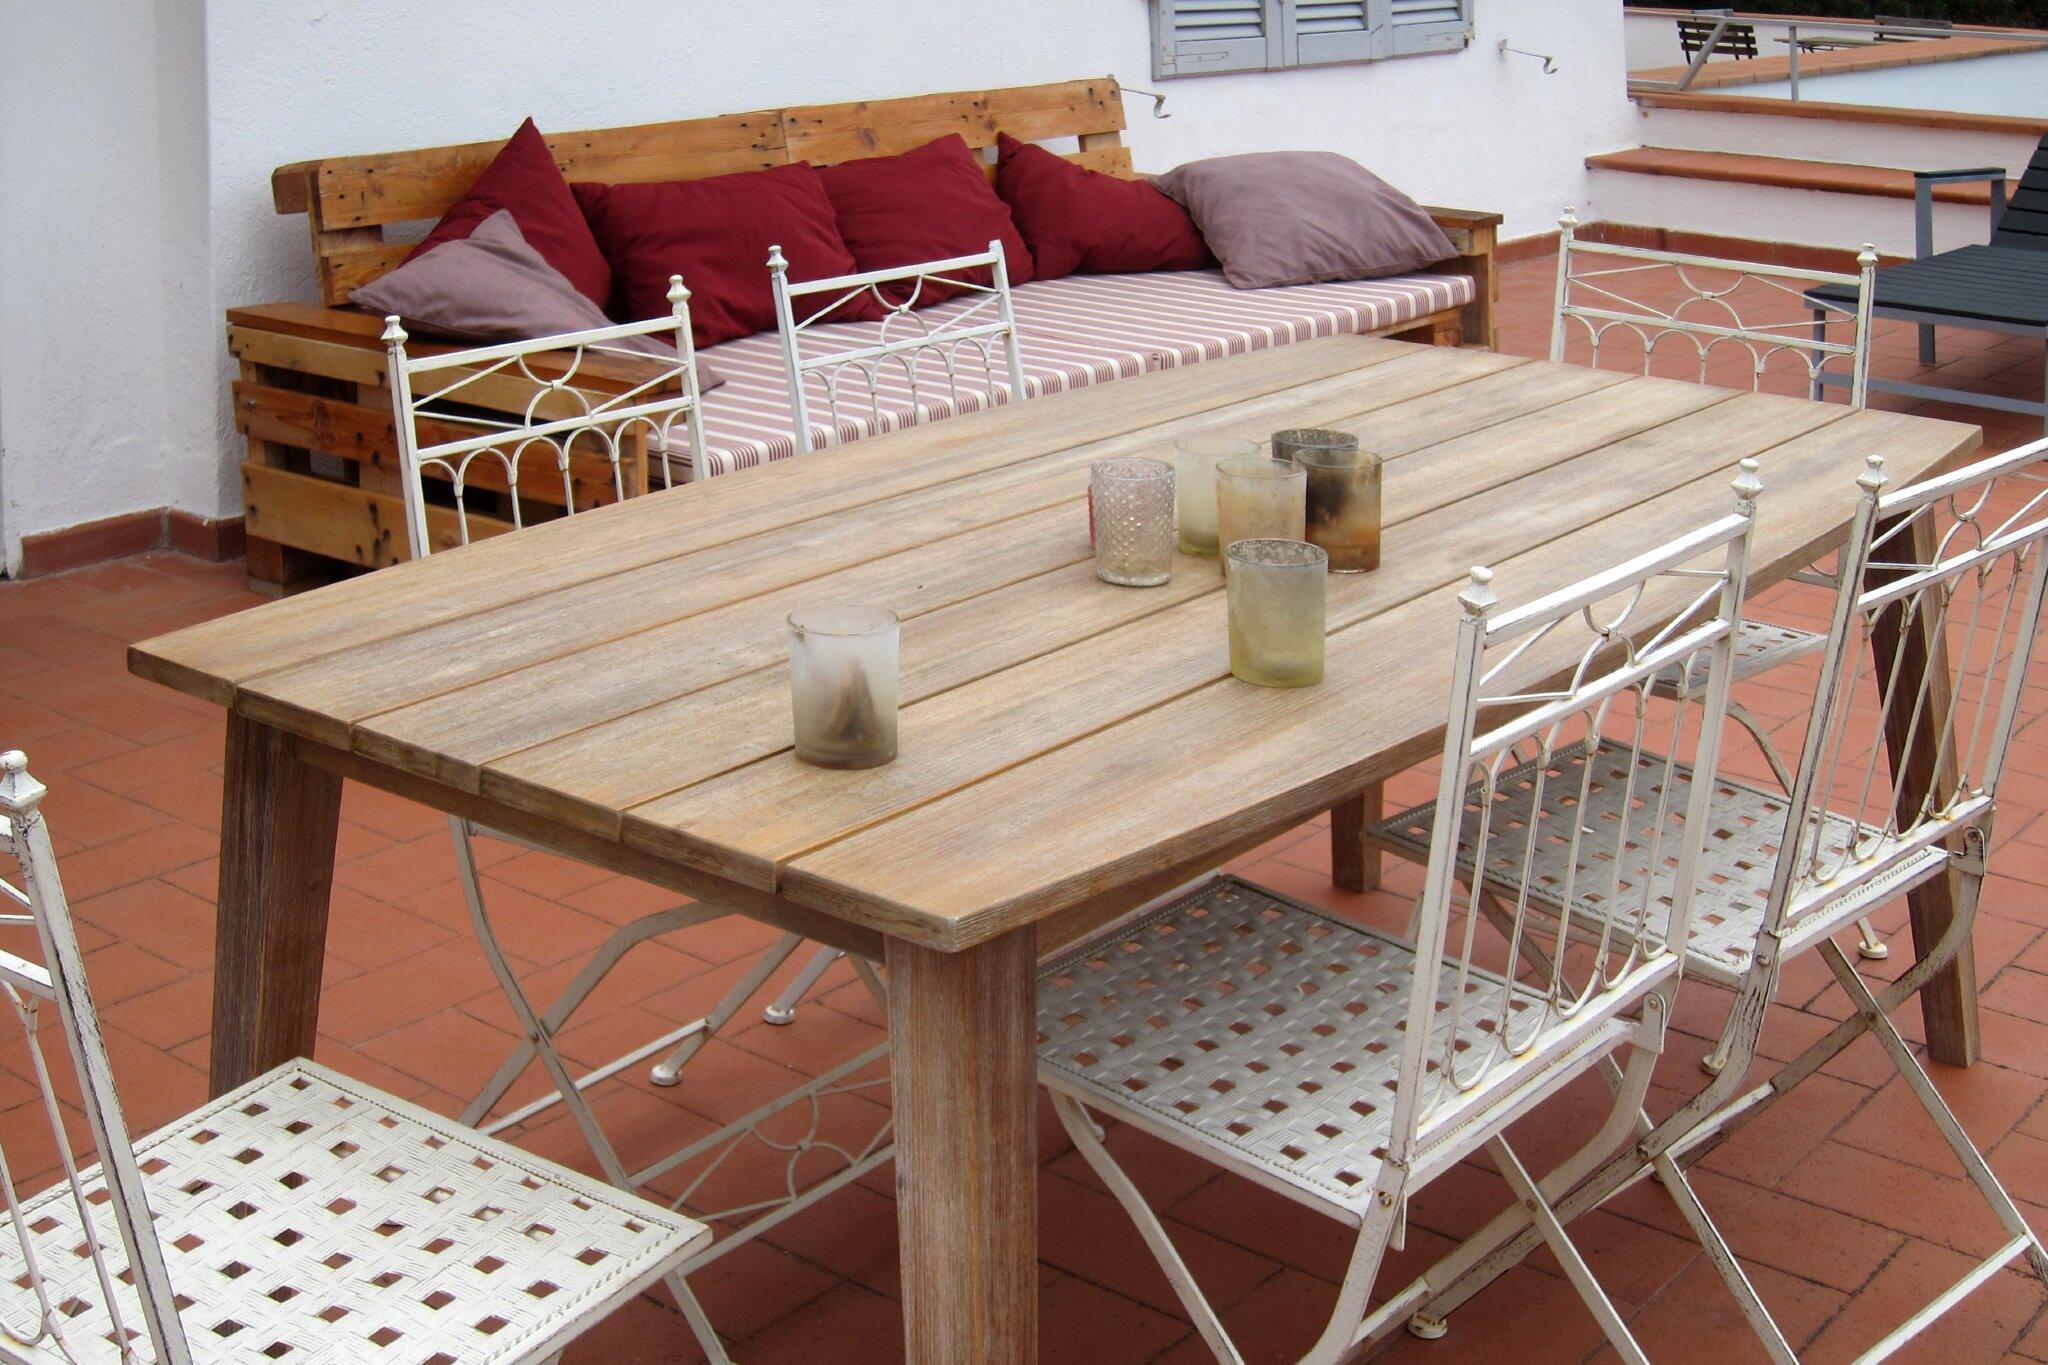 Dachterrassenwohnung: Wohnraum